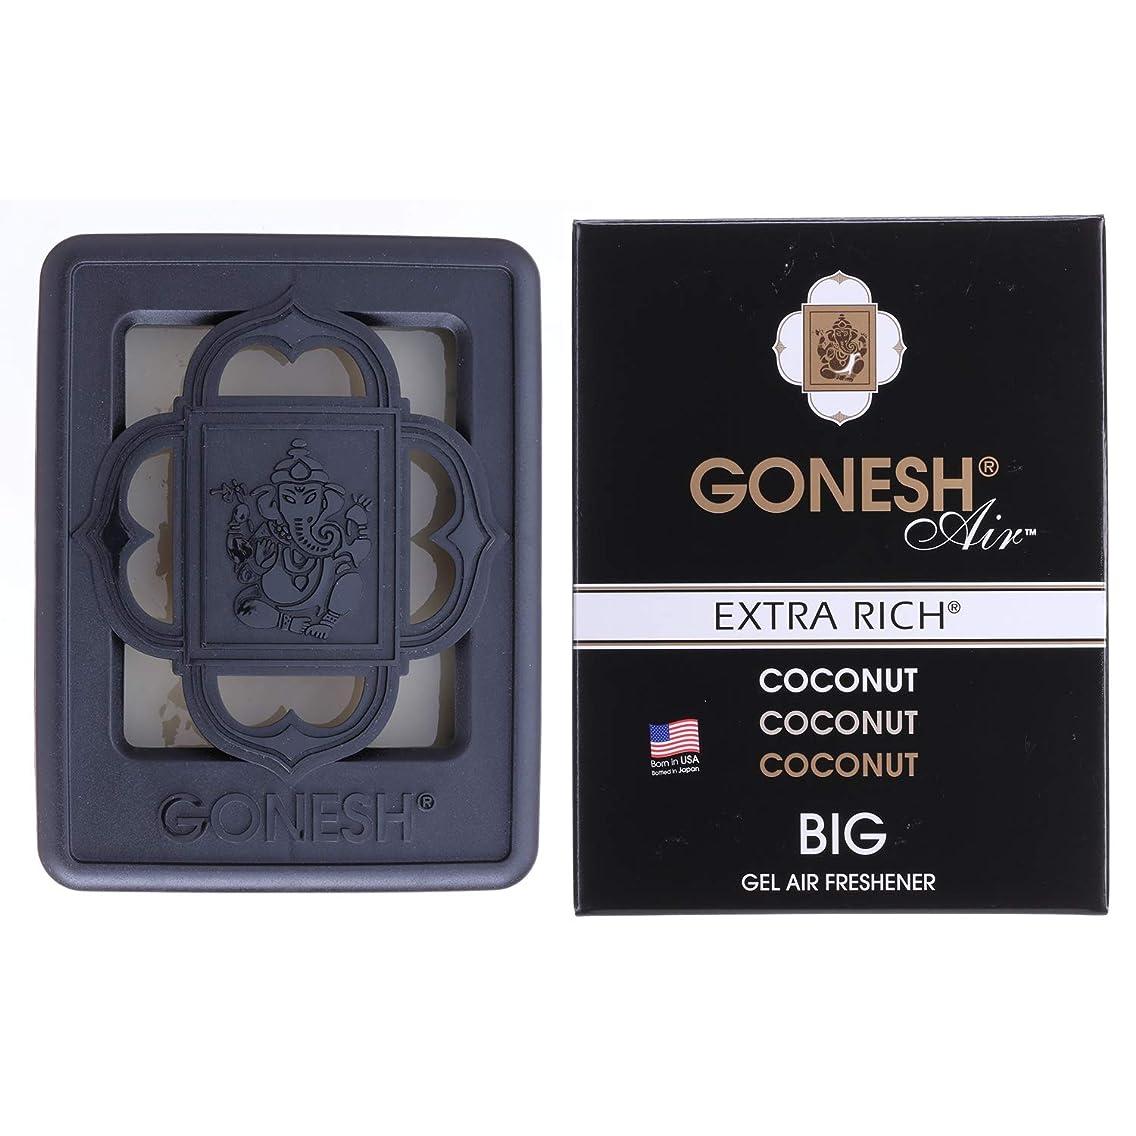 悪魔囲いプロポーショナルGONESH(ガーネッシュ)ビッグゲルエアフレッシュナー ココナッツ(ココナッツの香り)